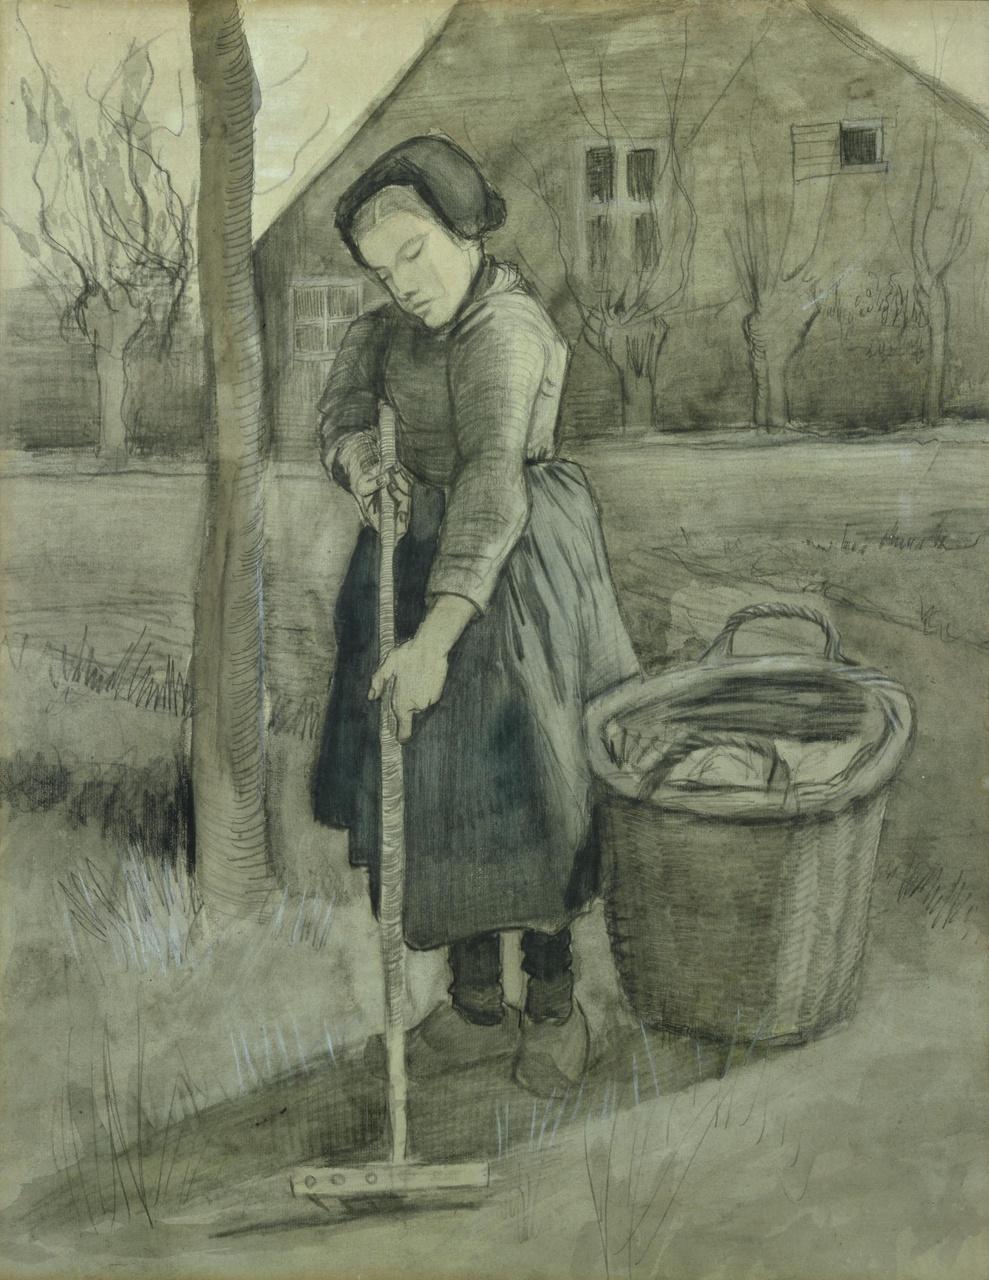 Jong meisje in een tuin (Harkend meisje)